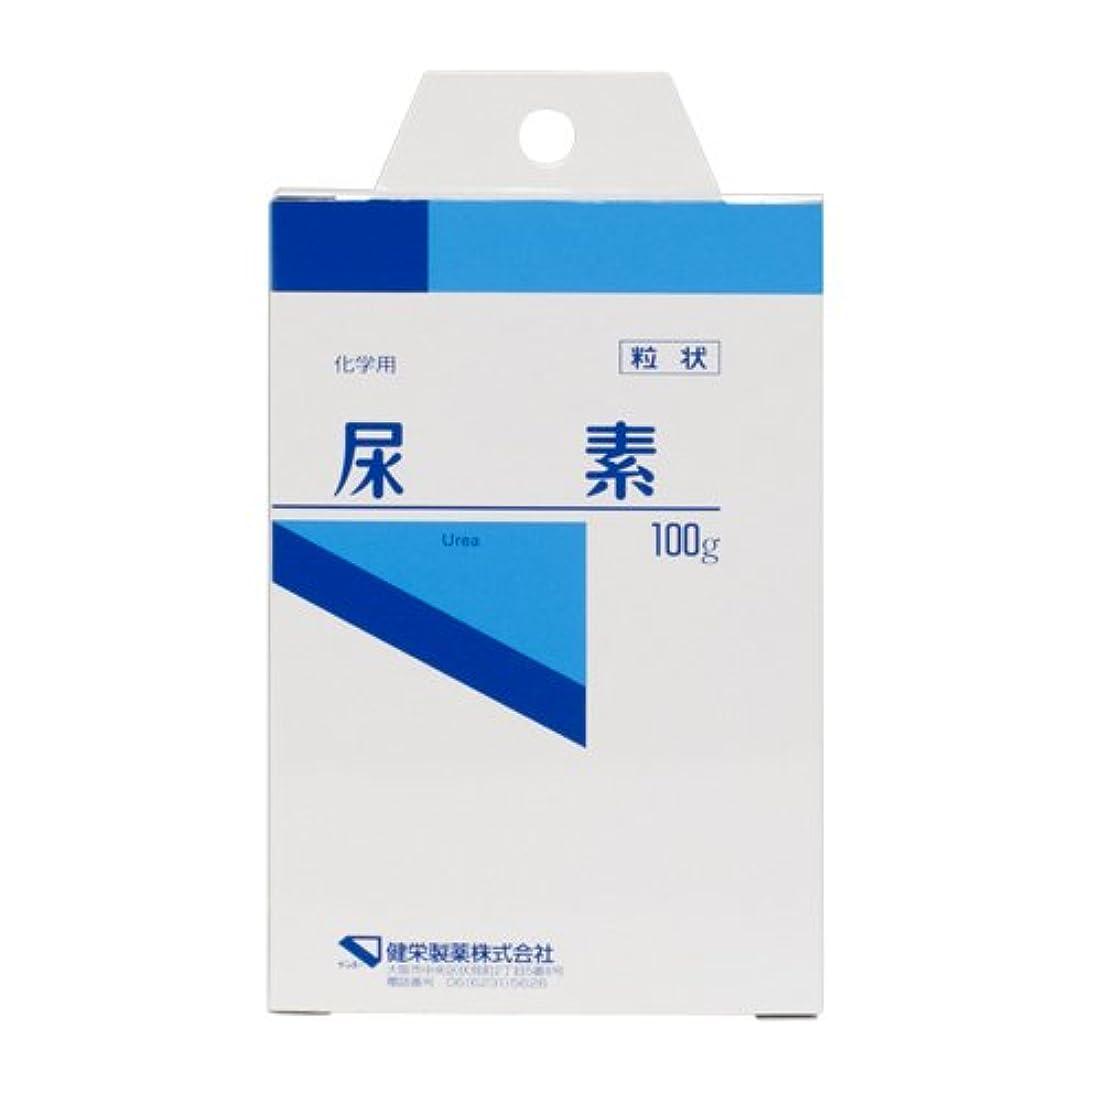 フォーカス近くプライバシー尿素(粒状) 100g